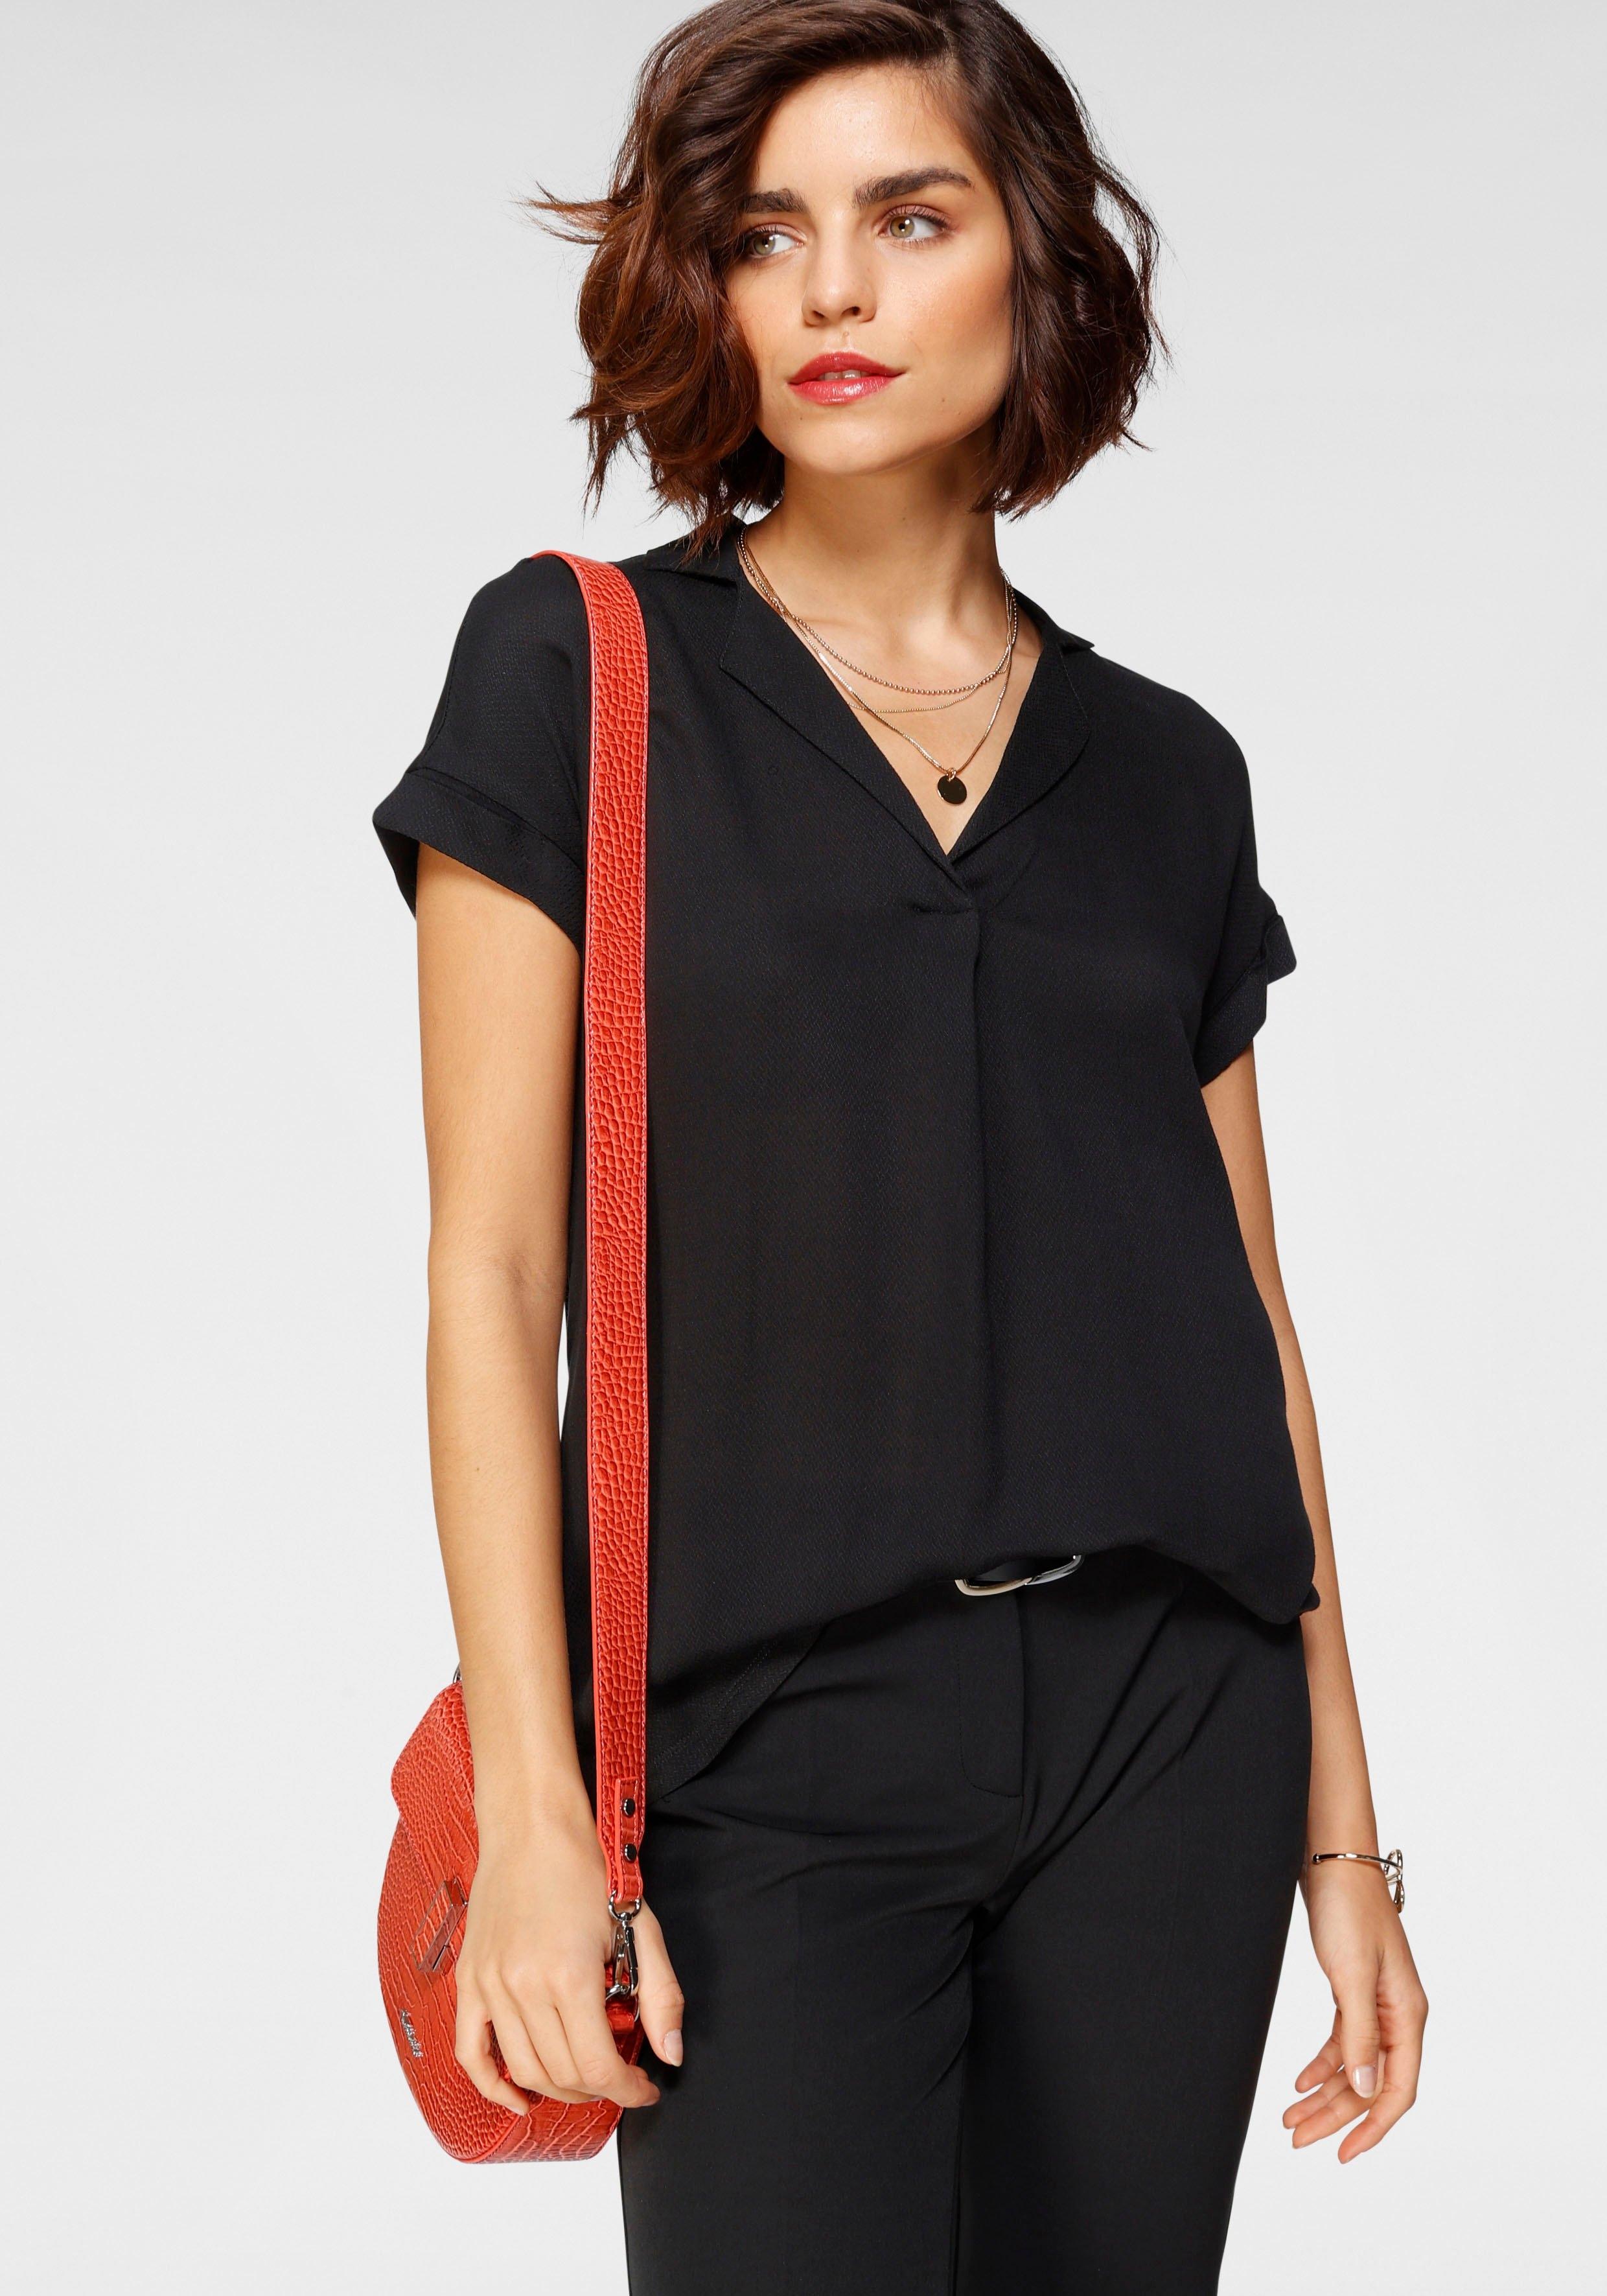 Tamaris blouse zonder sluiting met kraag bestellen: 30 dagen bedenktijd